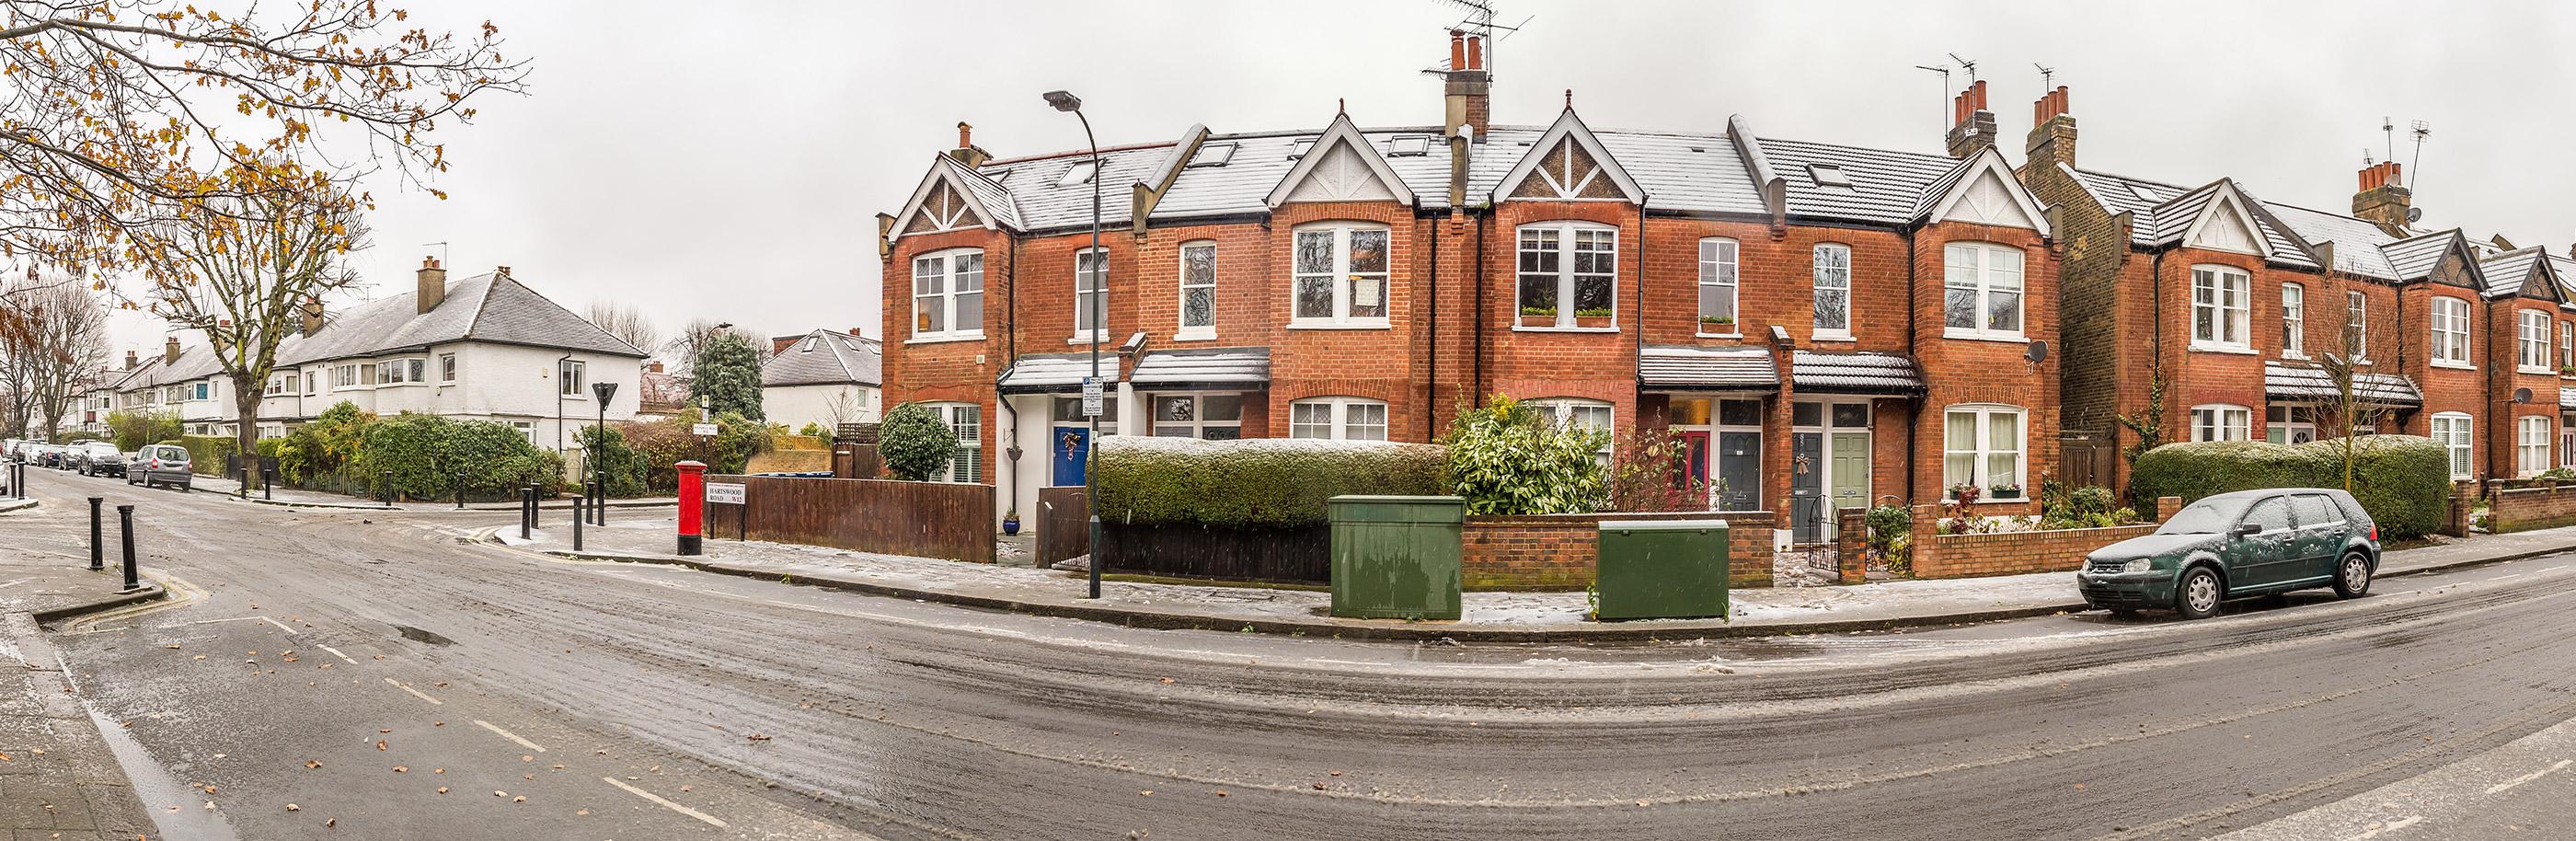 row of brick-built terraced houses